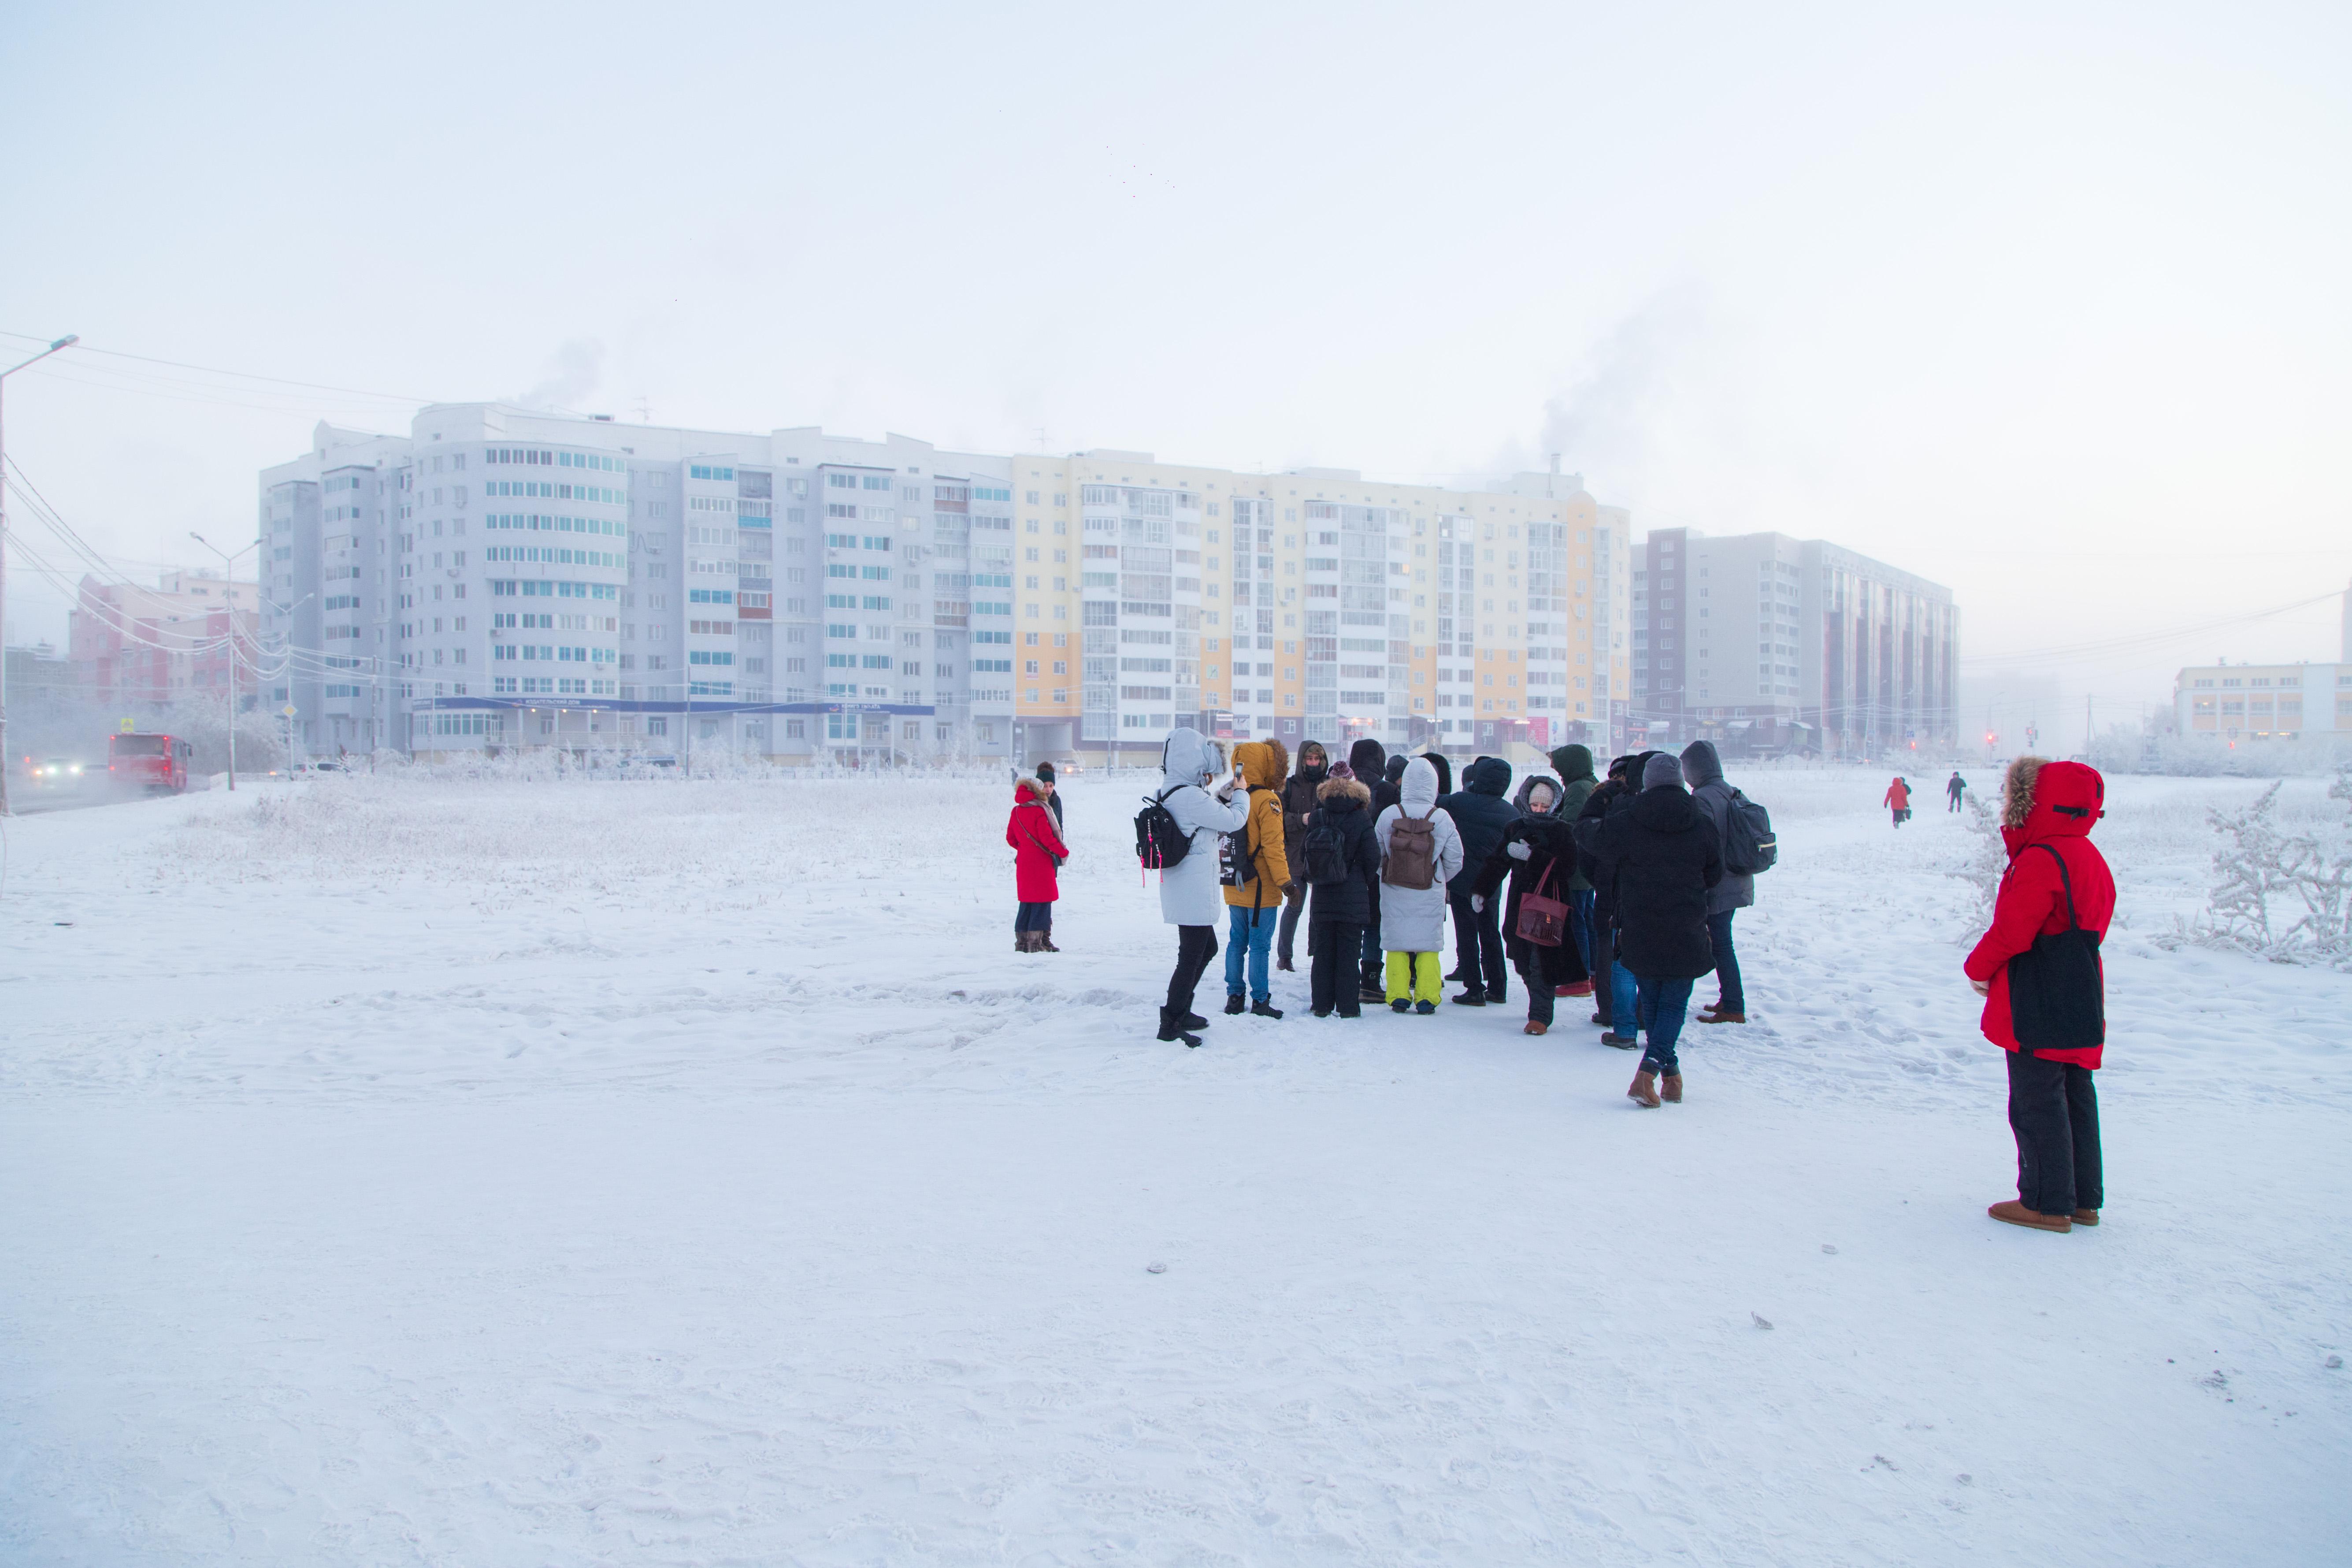 Организационный комитет конкурса подготовил анкету для жителей Якутска